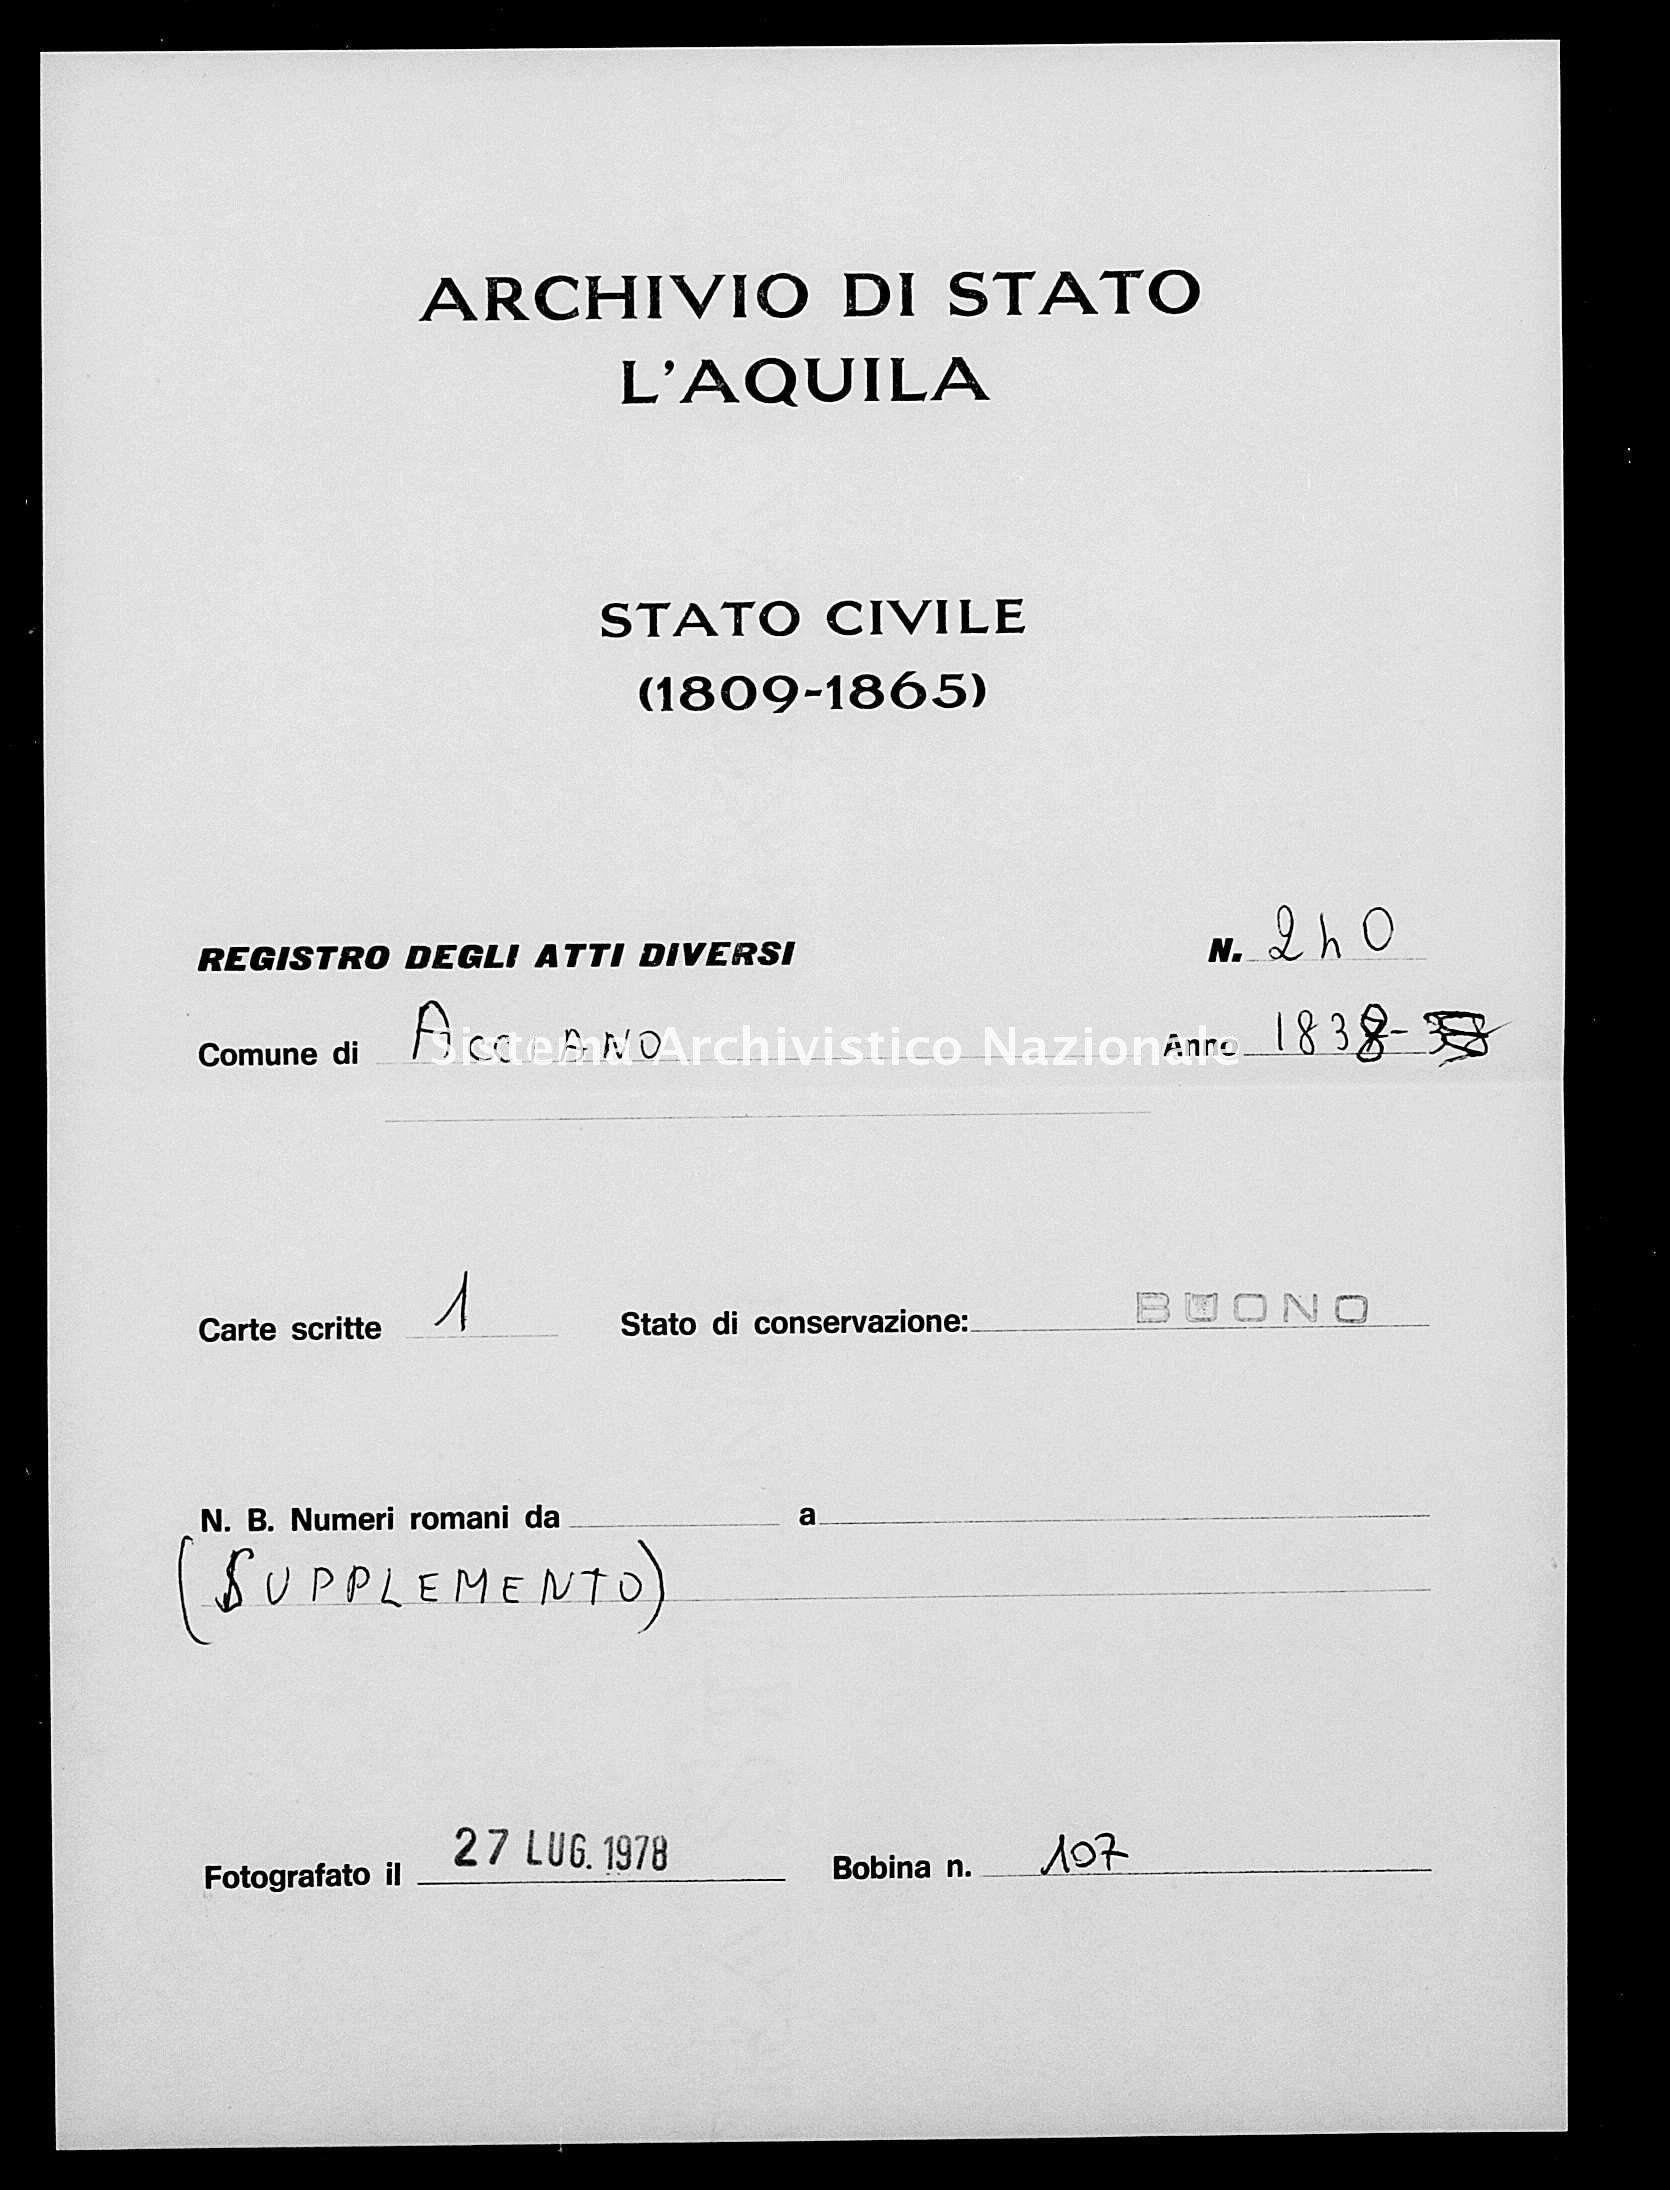 Archivio di stato di L'aquila - Stato civile della restaurazione - Acciano - Diversi - 1838 - 240 -